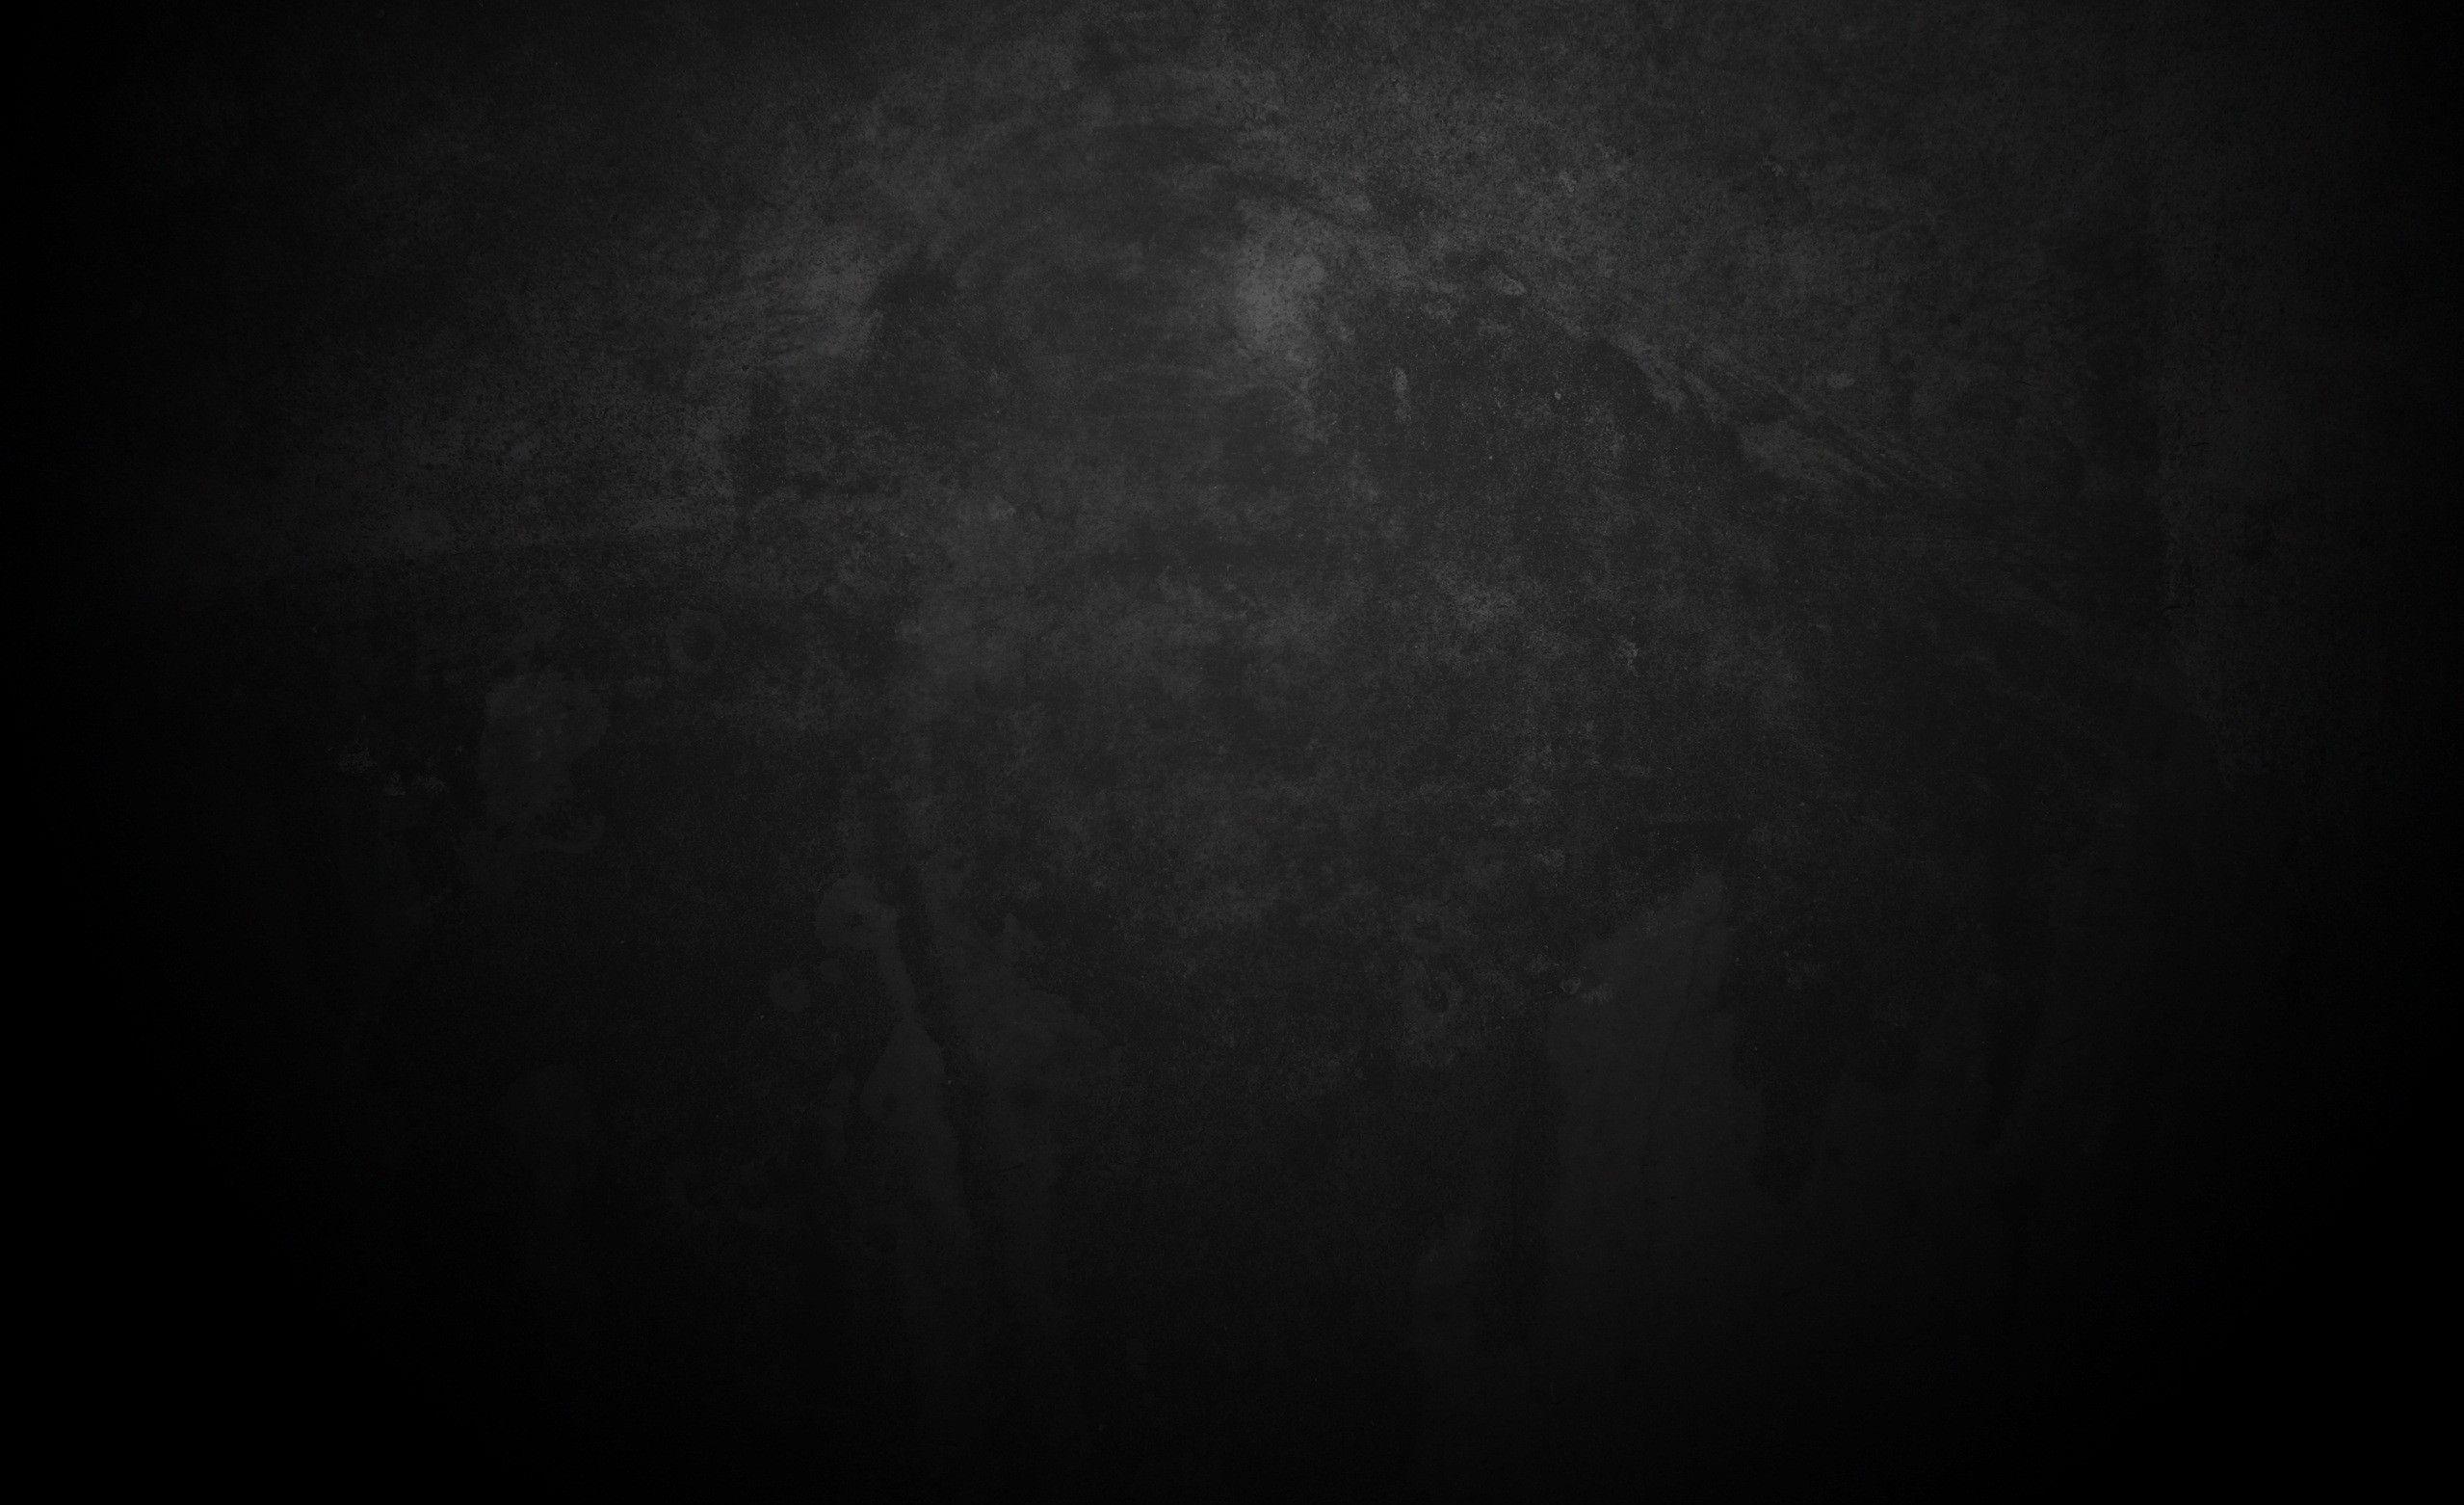 Download Wallpapers Download 2558x1562 Black Dark Textures 2558x1562 Wallpaper Wal Dark Desktop Backgrounds Black Texture Background Dark Background Wallpaper